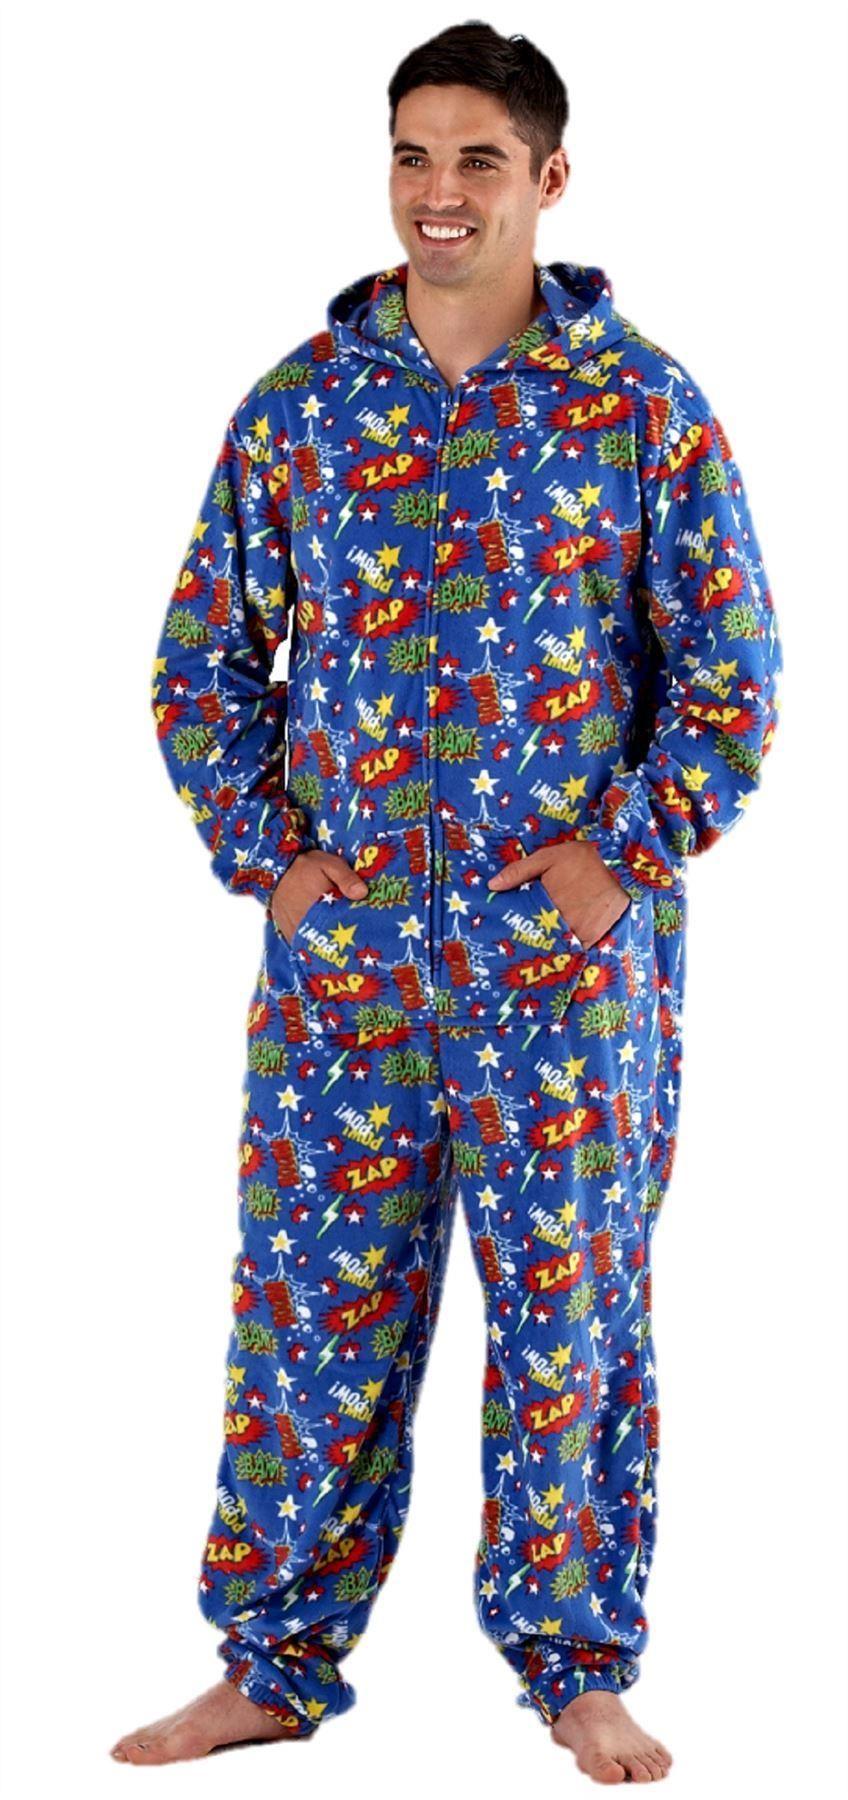 a387a5444 68abd68b-8a38-47a9-8cd0-1099d635c583 pijamas hombre originales